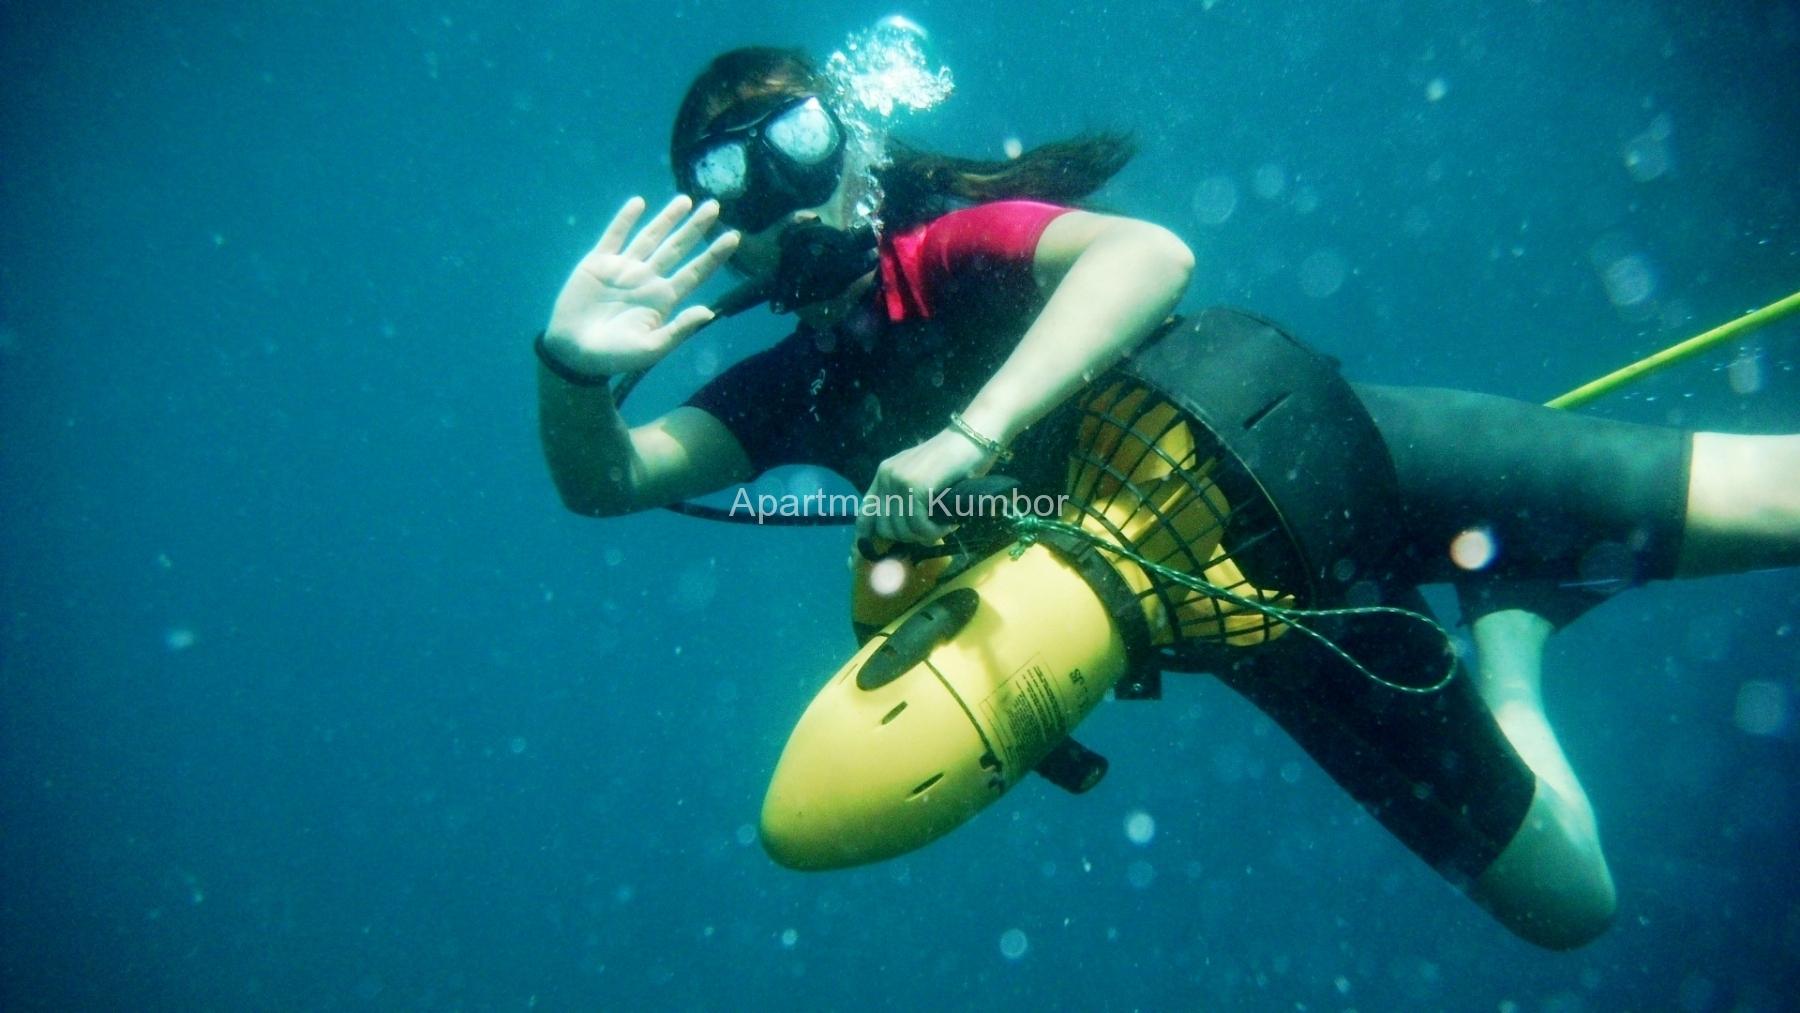 podvodni skuter3